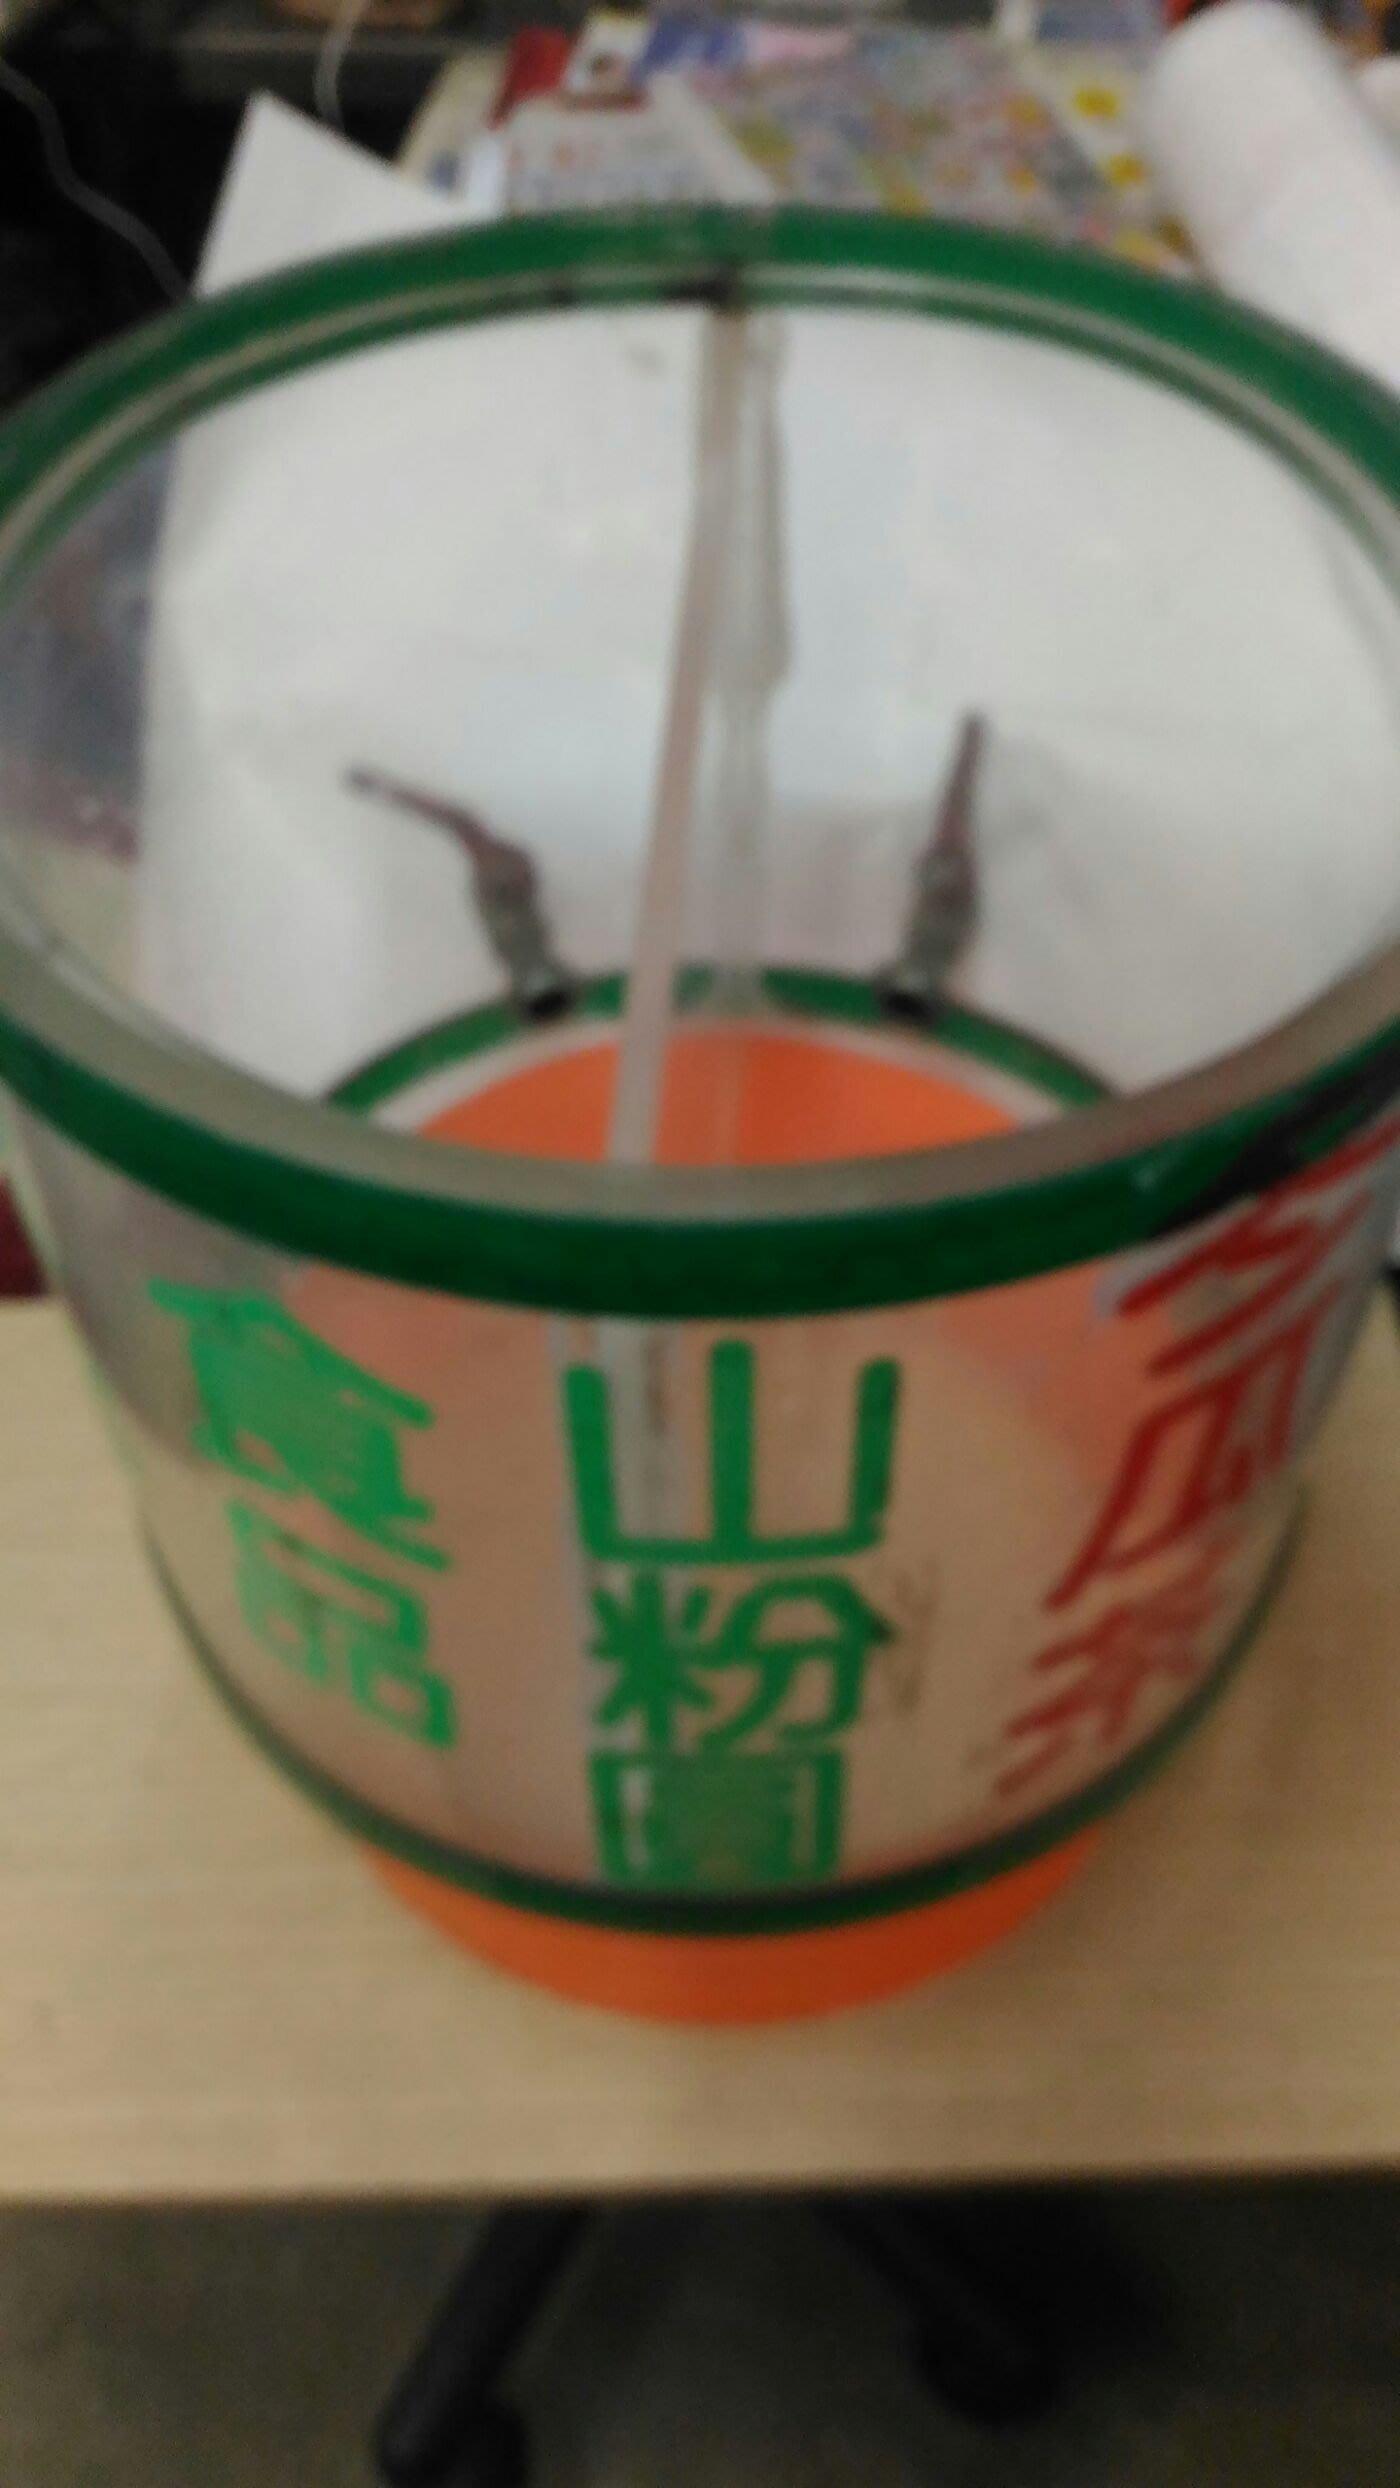 南門餐廚設備拍賣 夜市路邊攤專賣飲料的二手壓克力飲料桶有附水龍頭厚15 mm兩格飲料桶 愛玉冰飲料桶